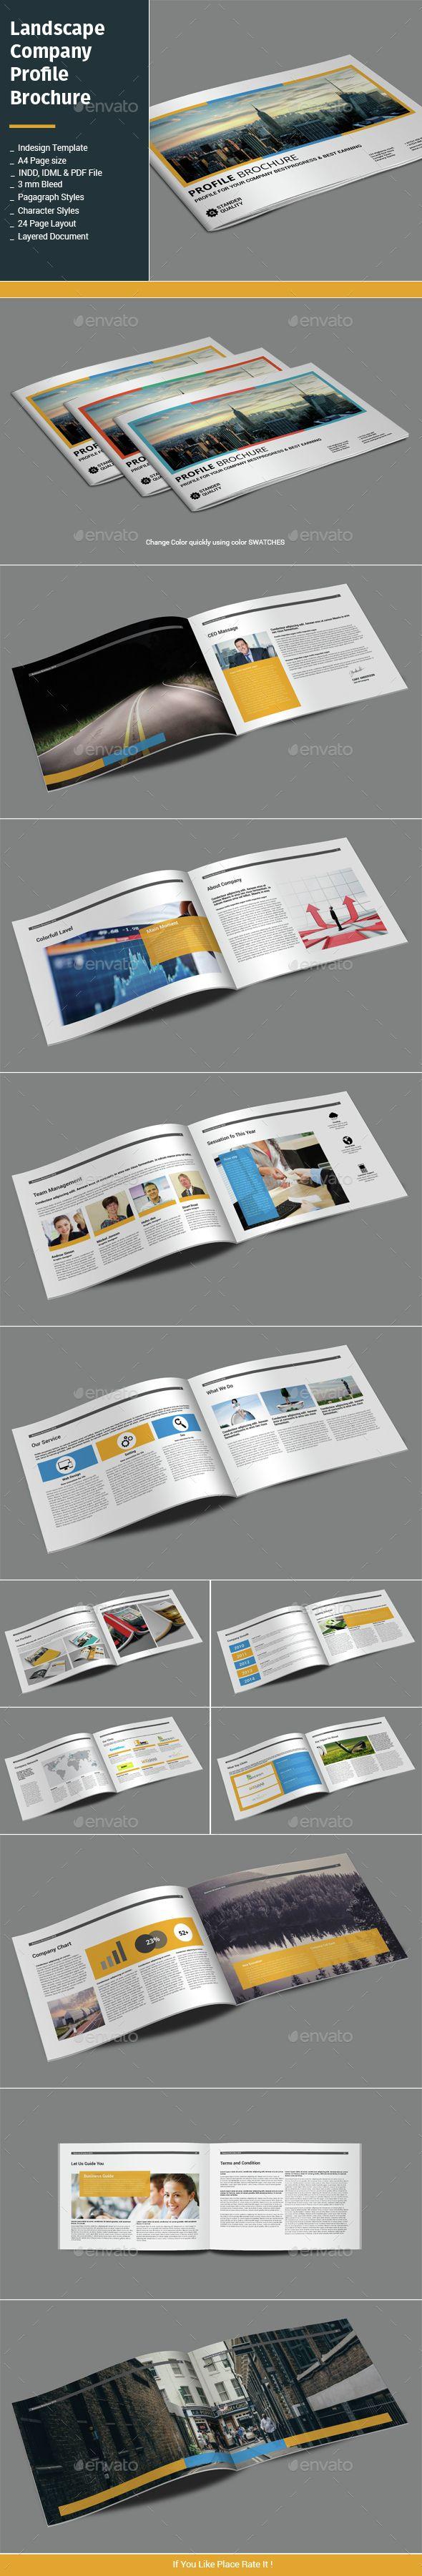 Landscape Company Profile Brochure